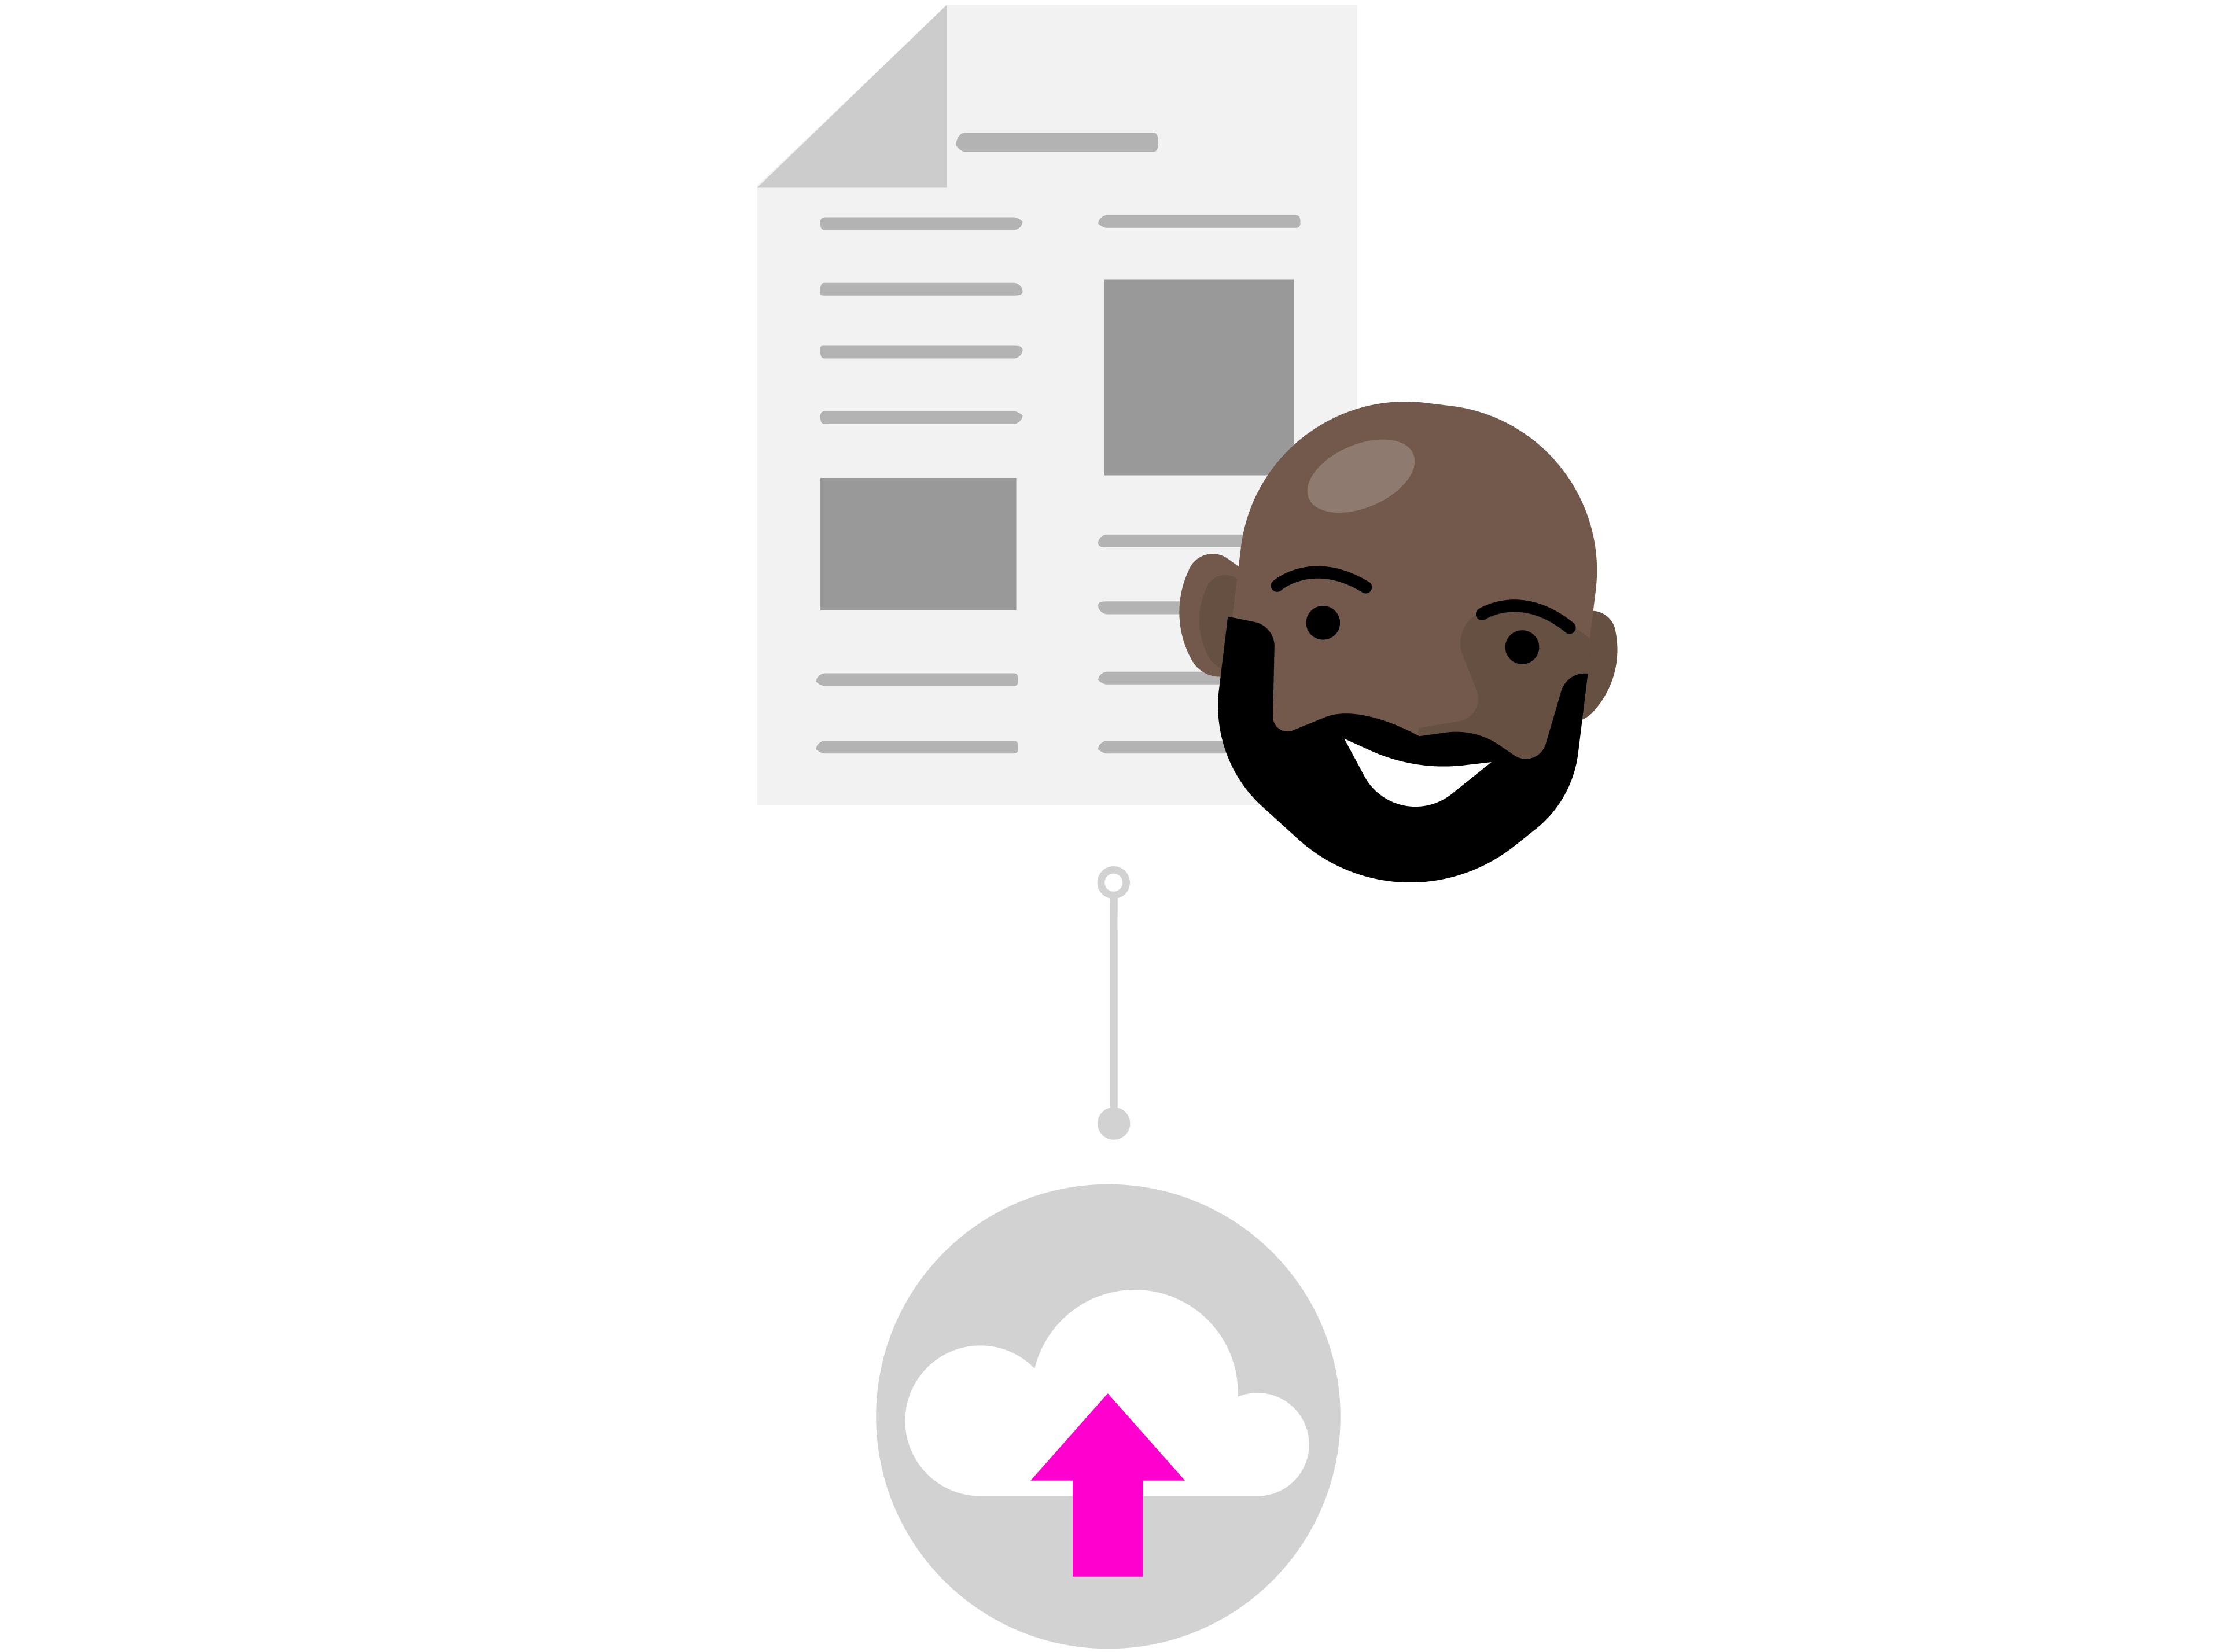 Skupna raba v OneDrive